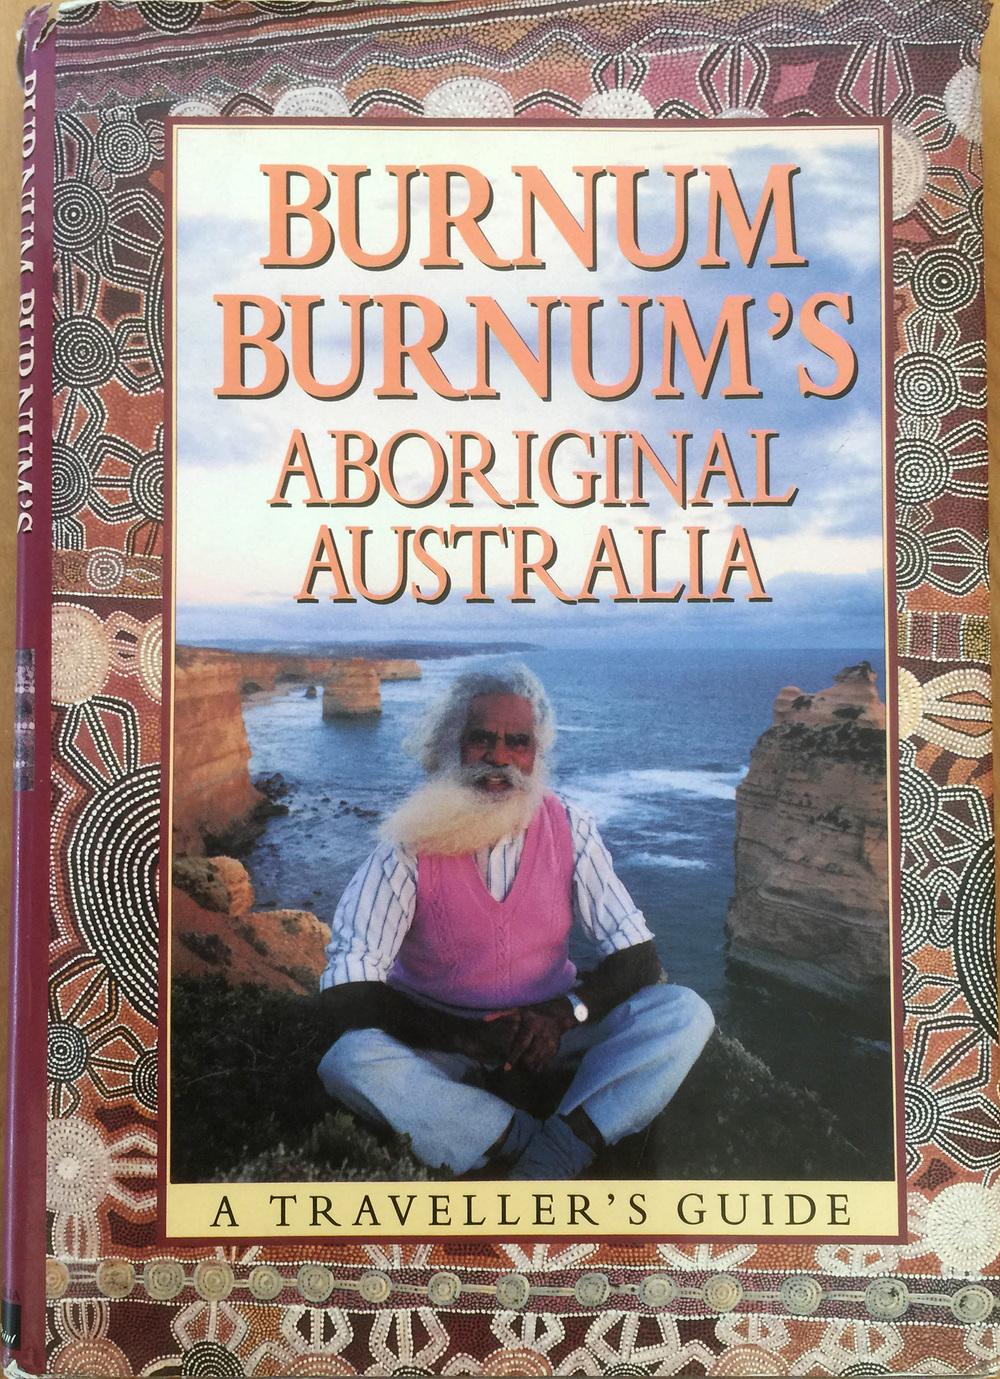 site-2-18-15 Burnum Burnum 2.jpg